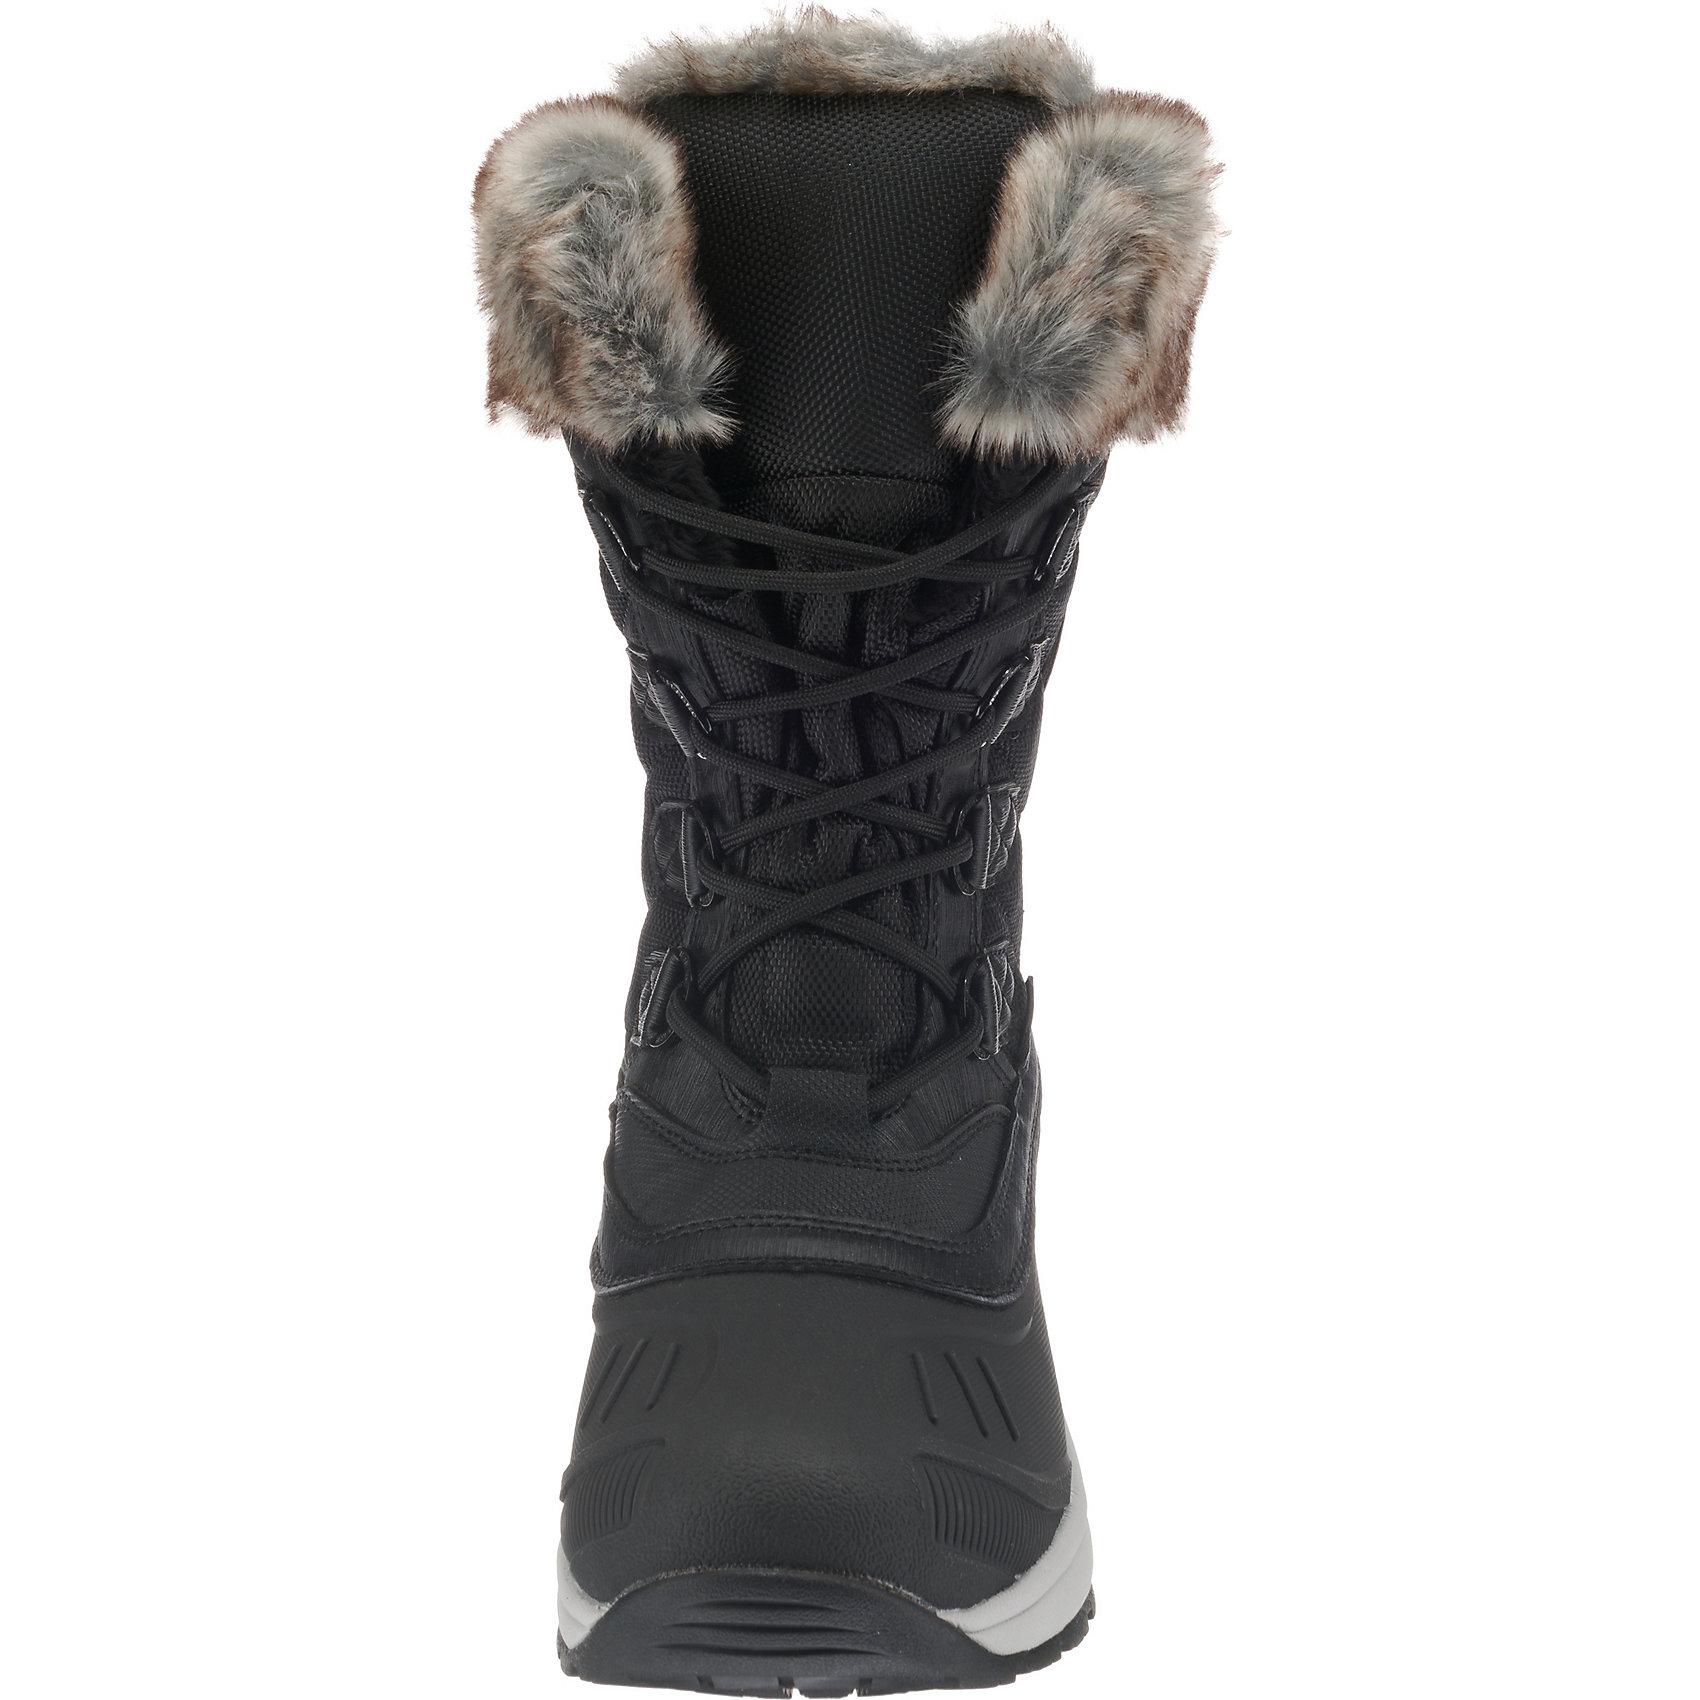 Neu Neu Neu ICEPEAK Wiola Winterstiefel 8775633 für Damen schwarz/weiß schwarz 5da30b